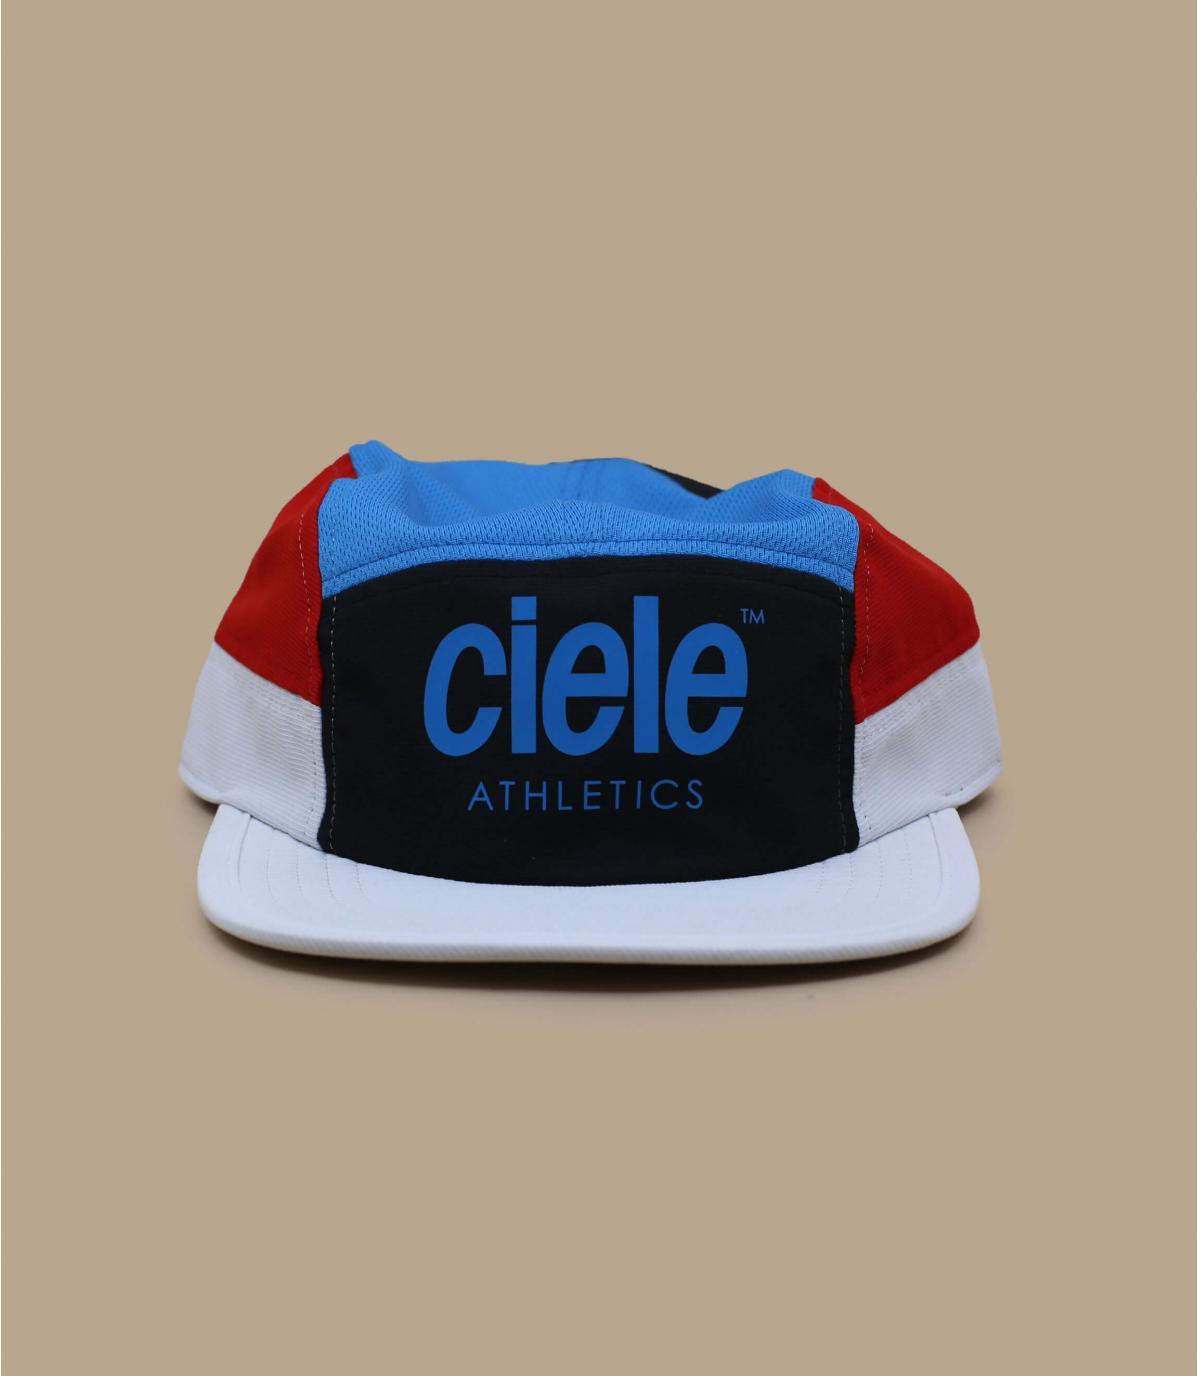 blauw-rode Ciele cap